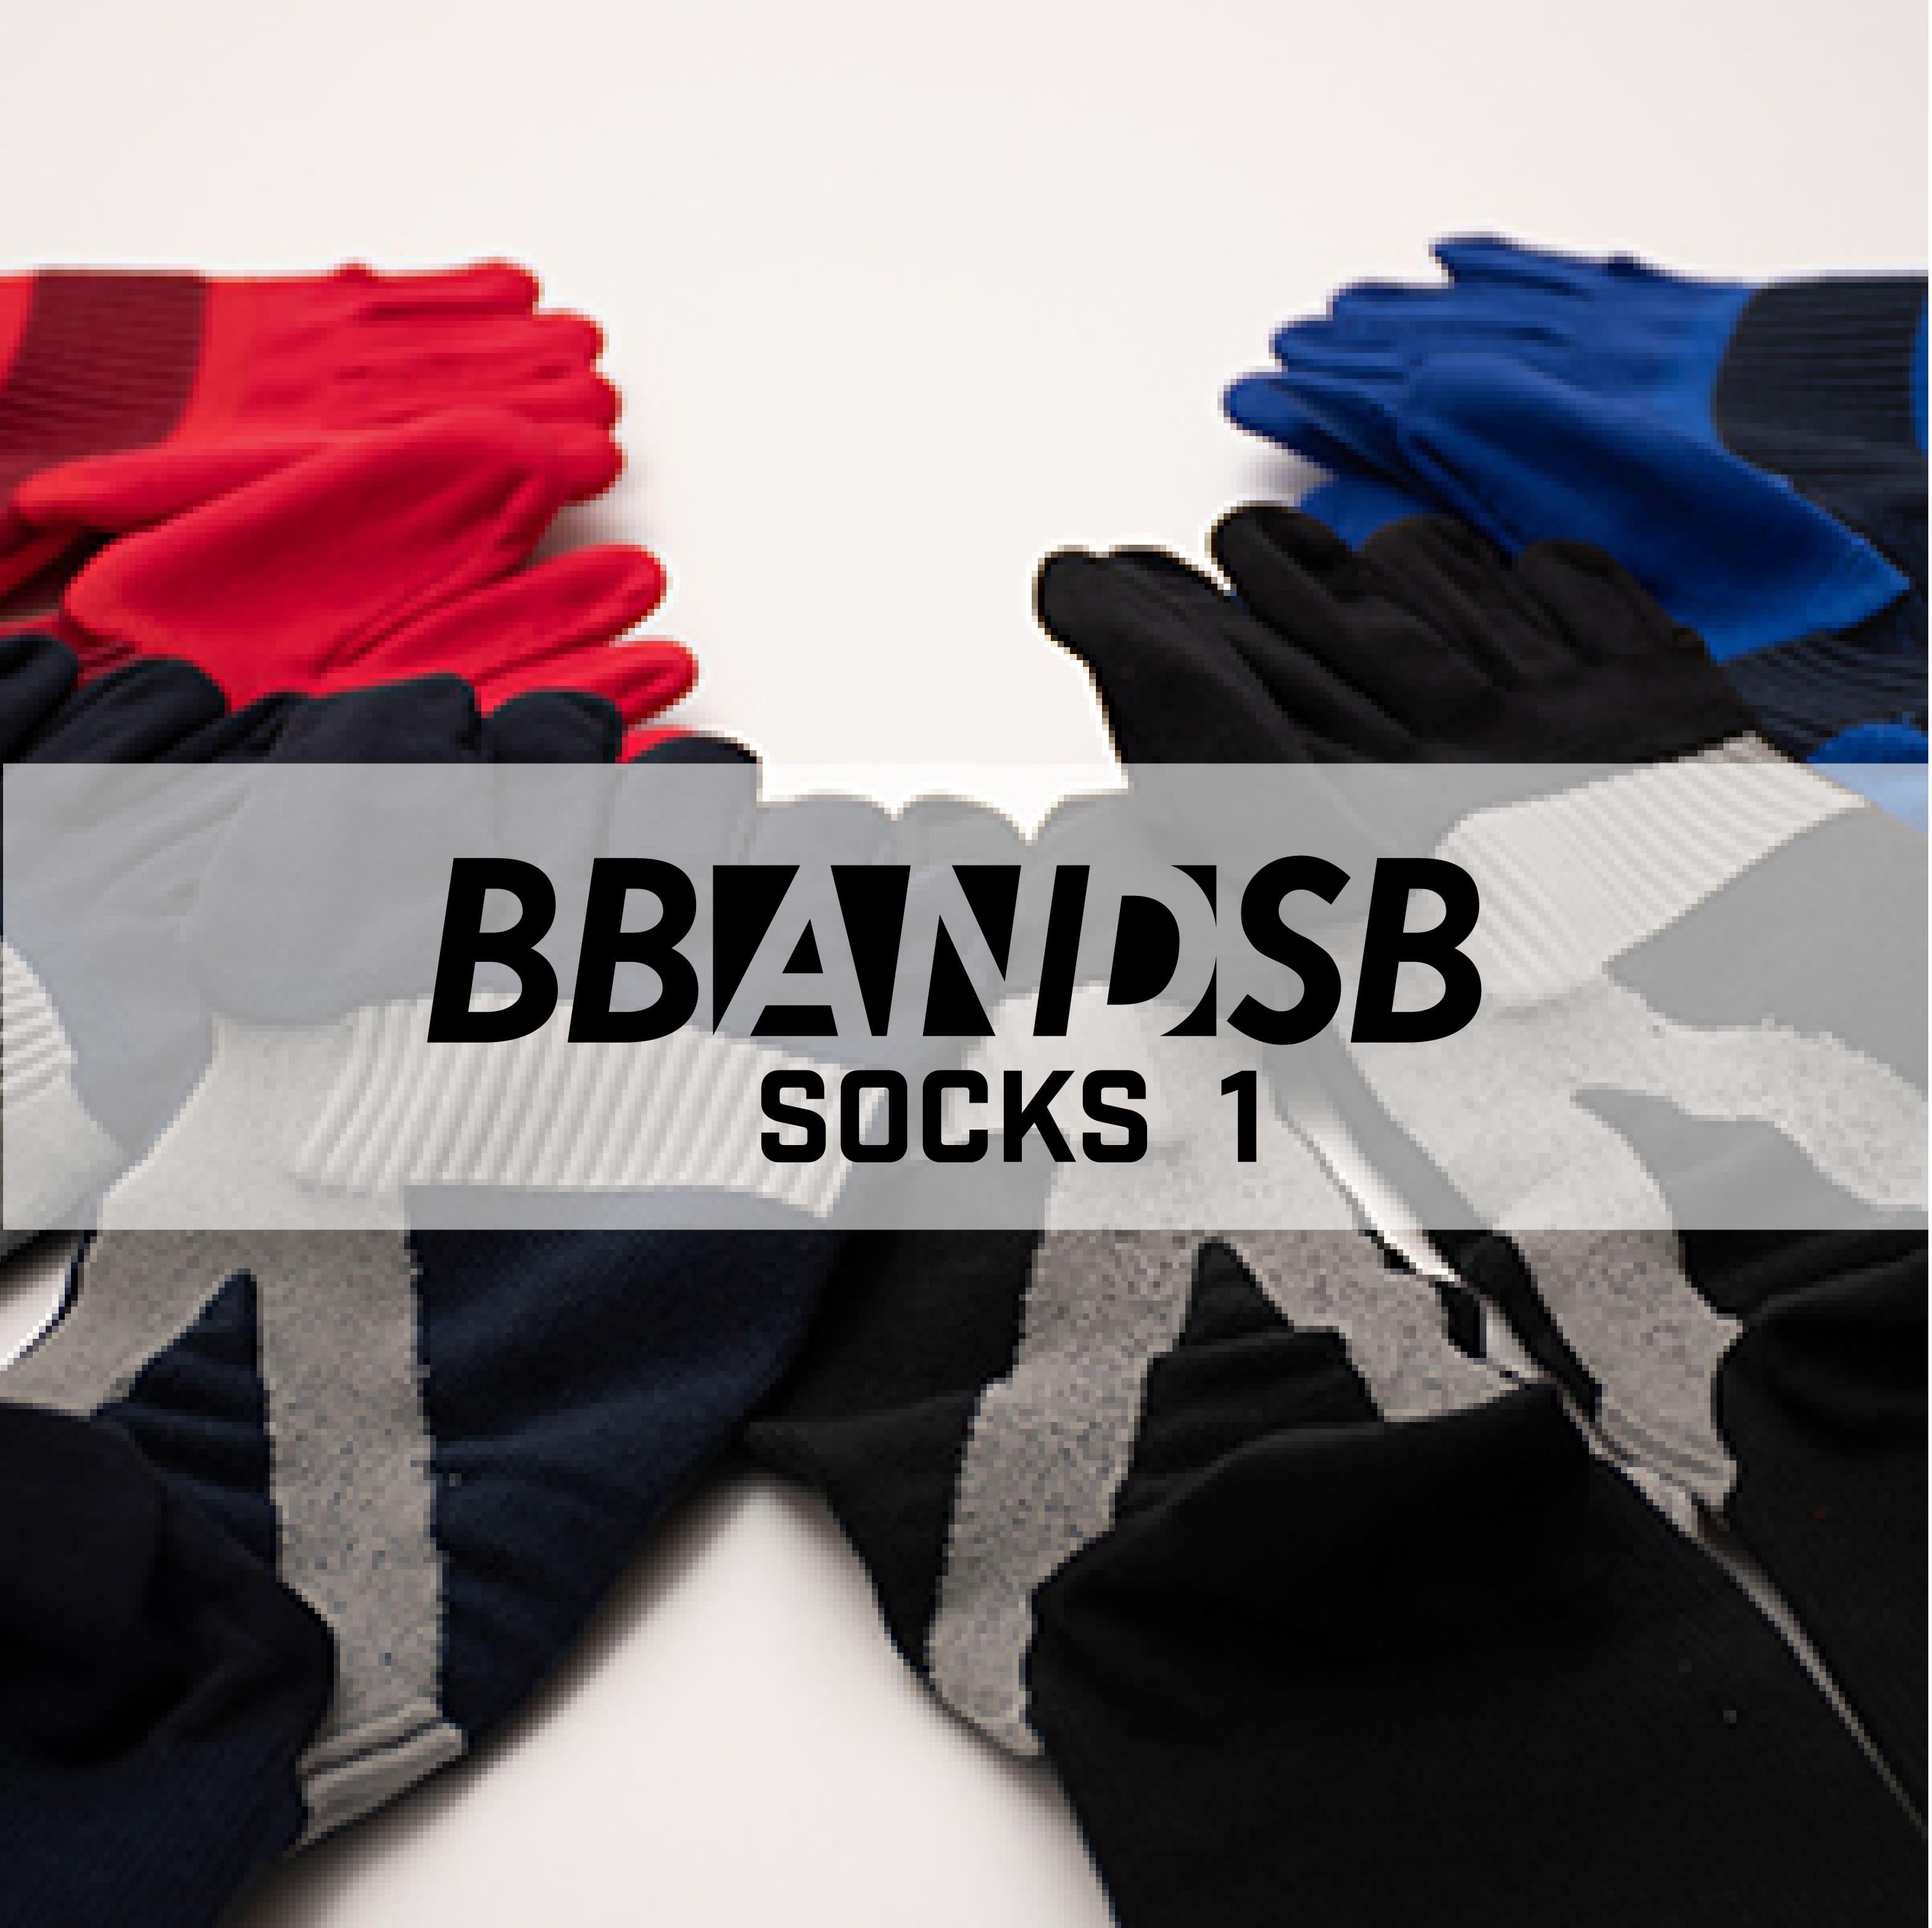 ポテンシャルを引き出す!野球・ソフトボール専用の機能性5本指ソックス! 「BBANDSB SOCKS 1」KIMEDAMA先行発売!